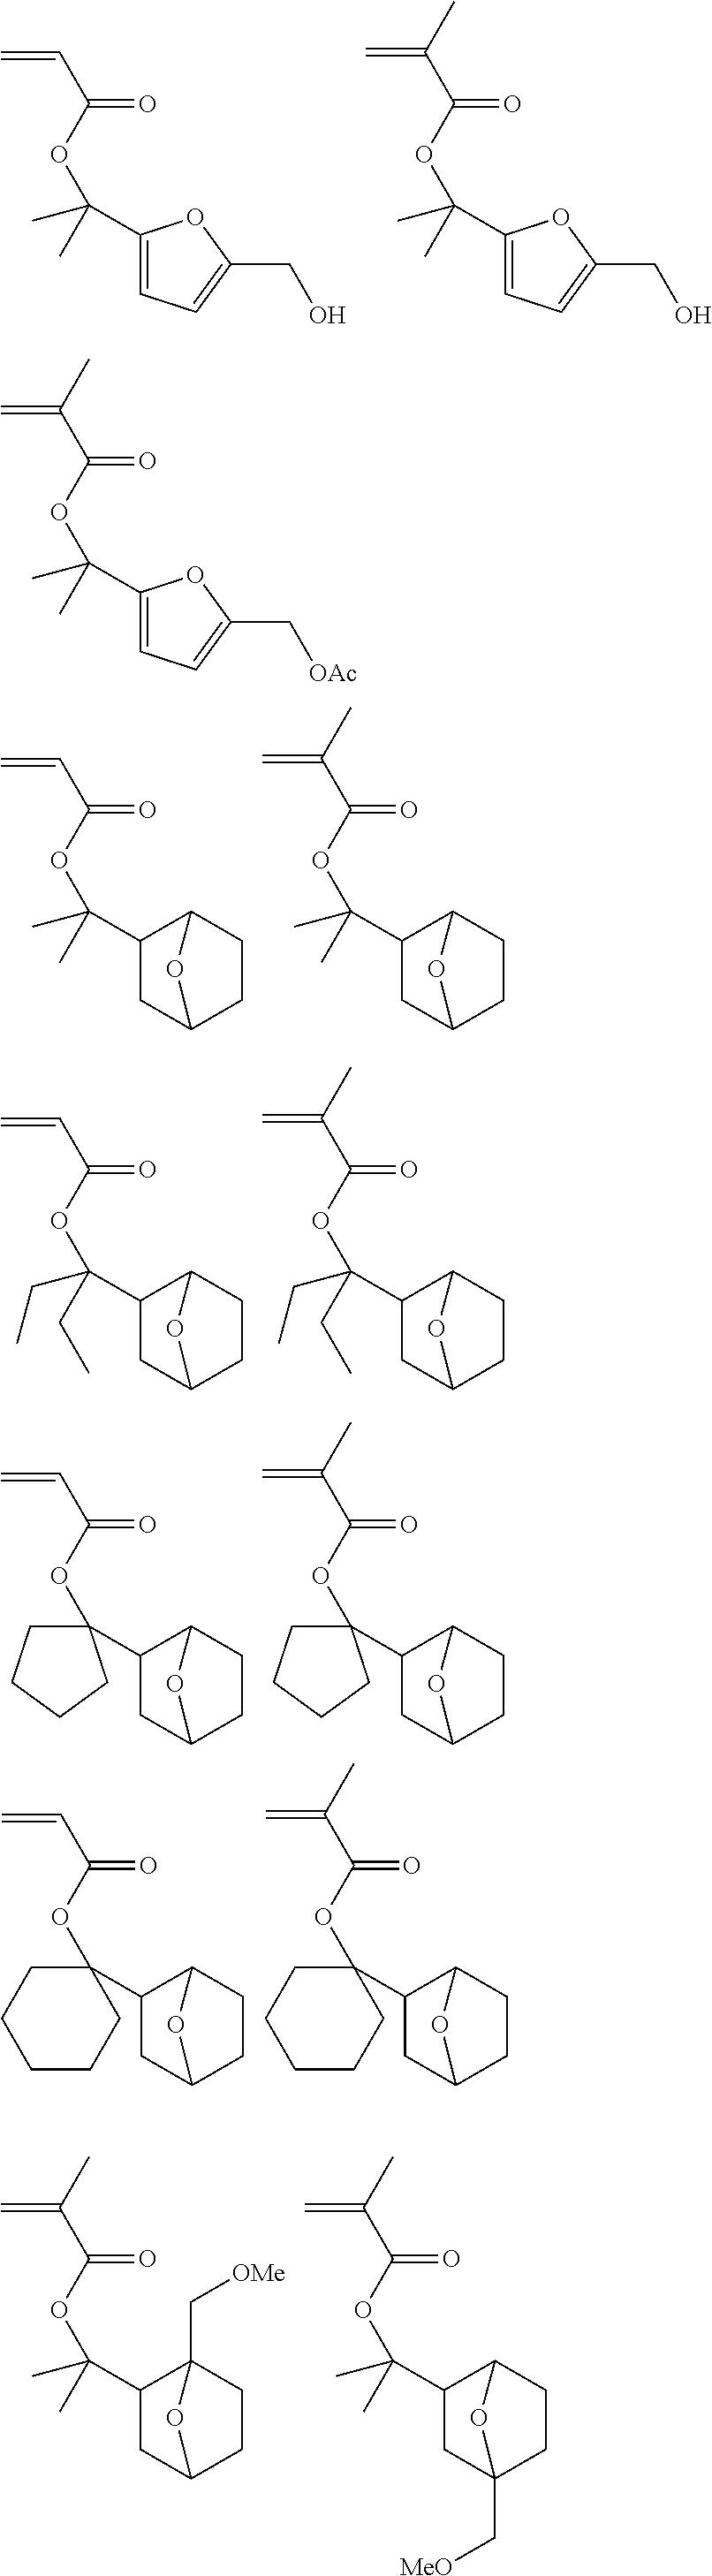 Figure US20110294070A1-20111201-C00063